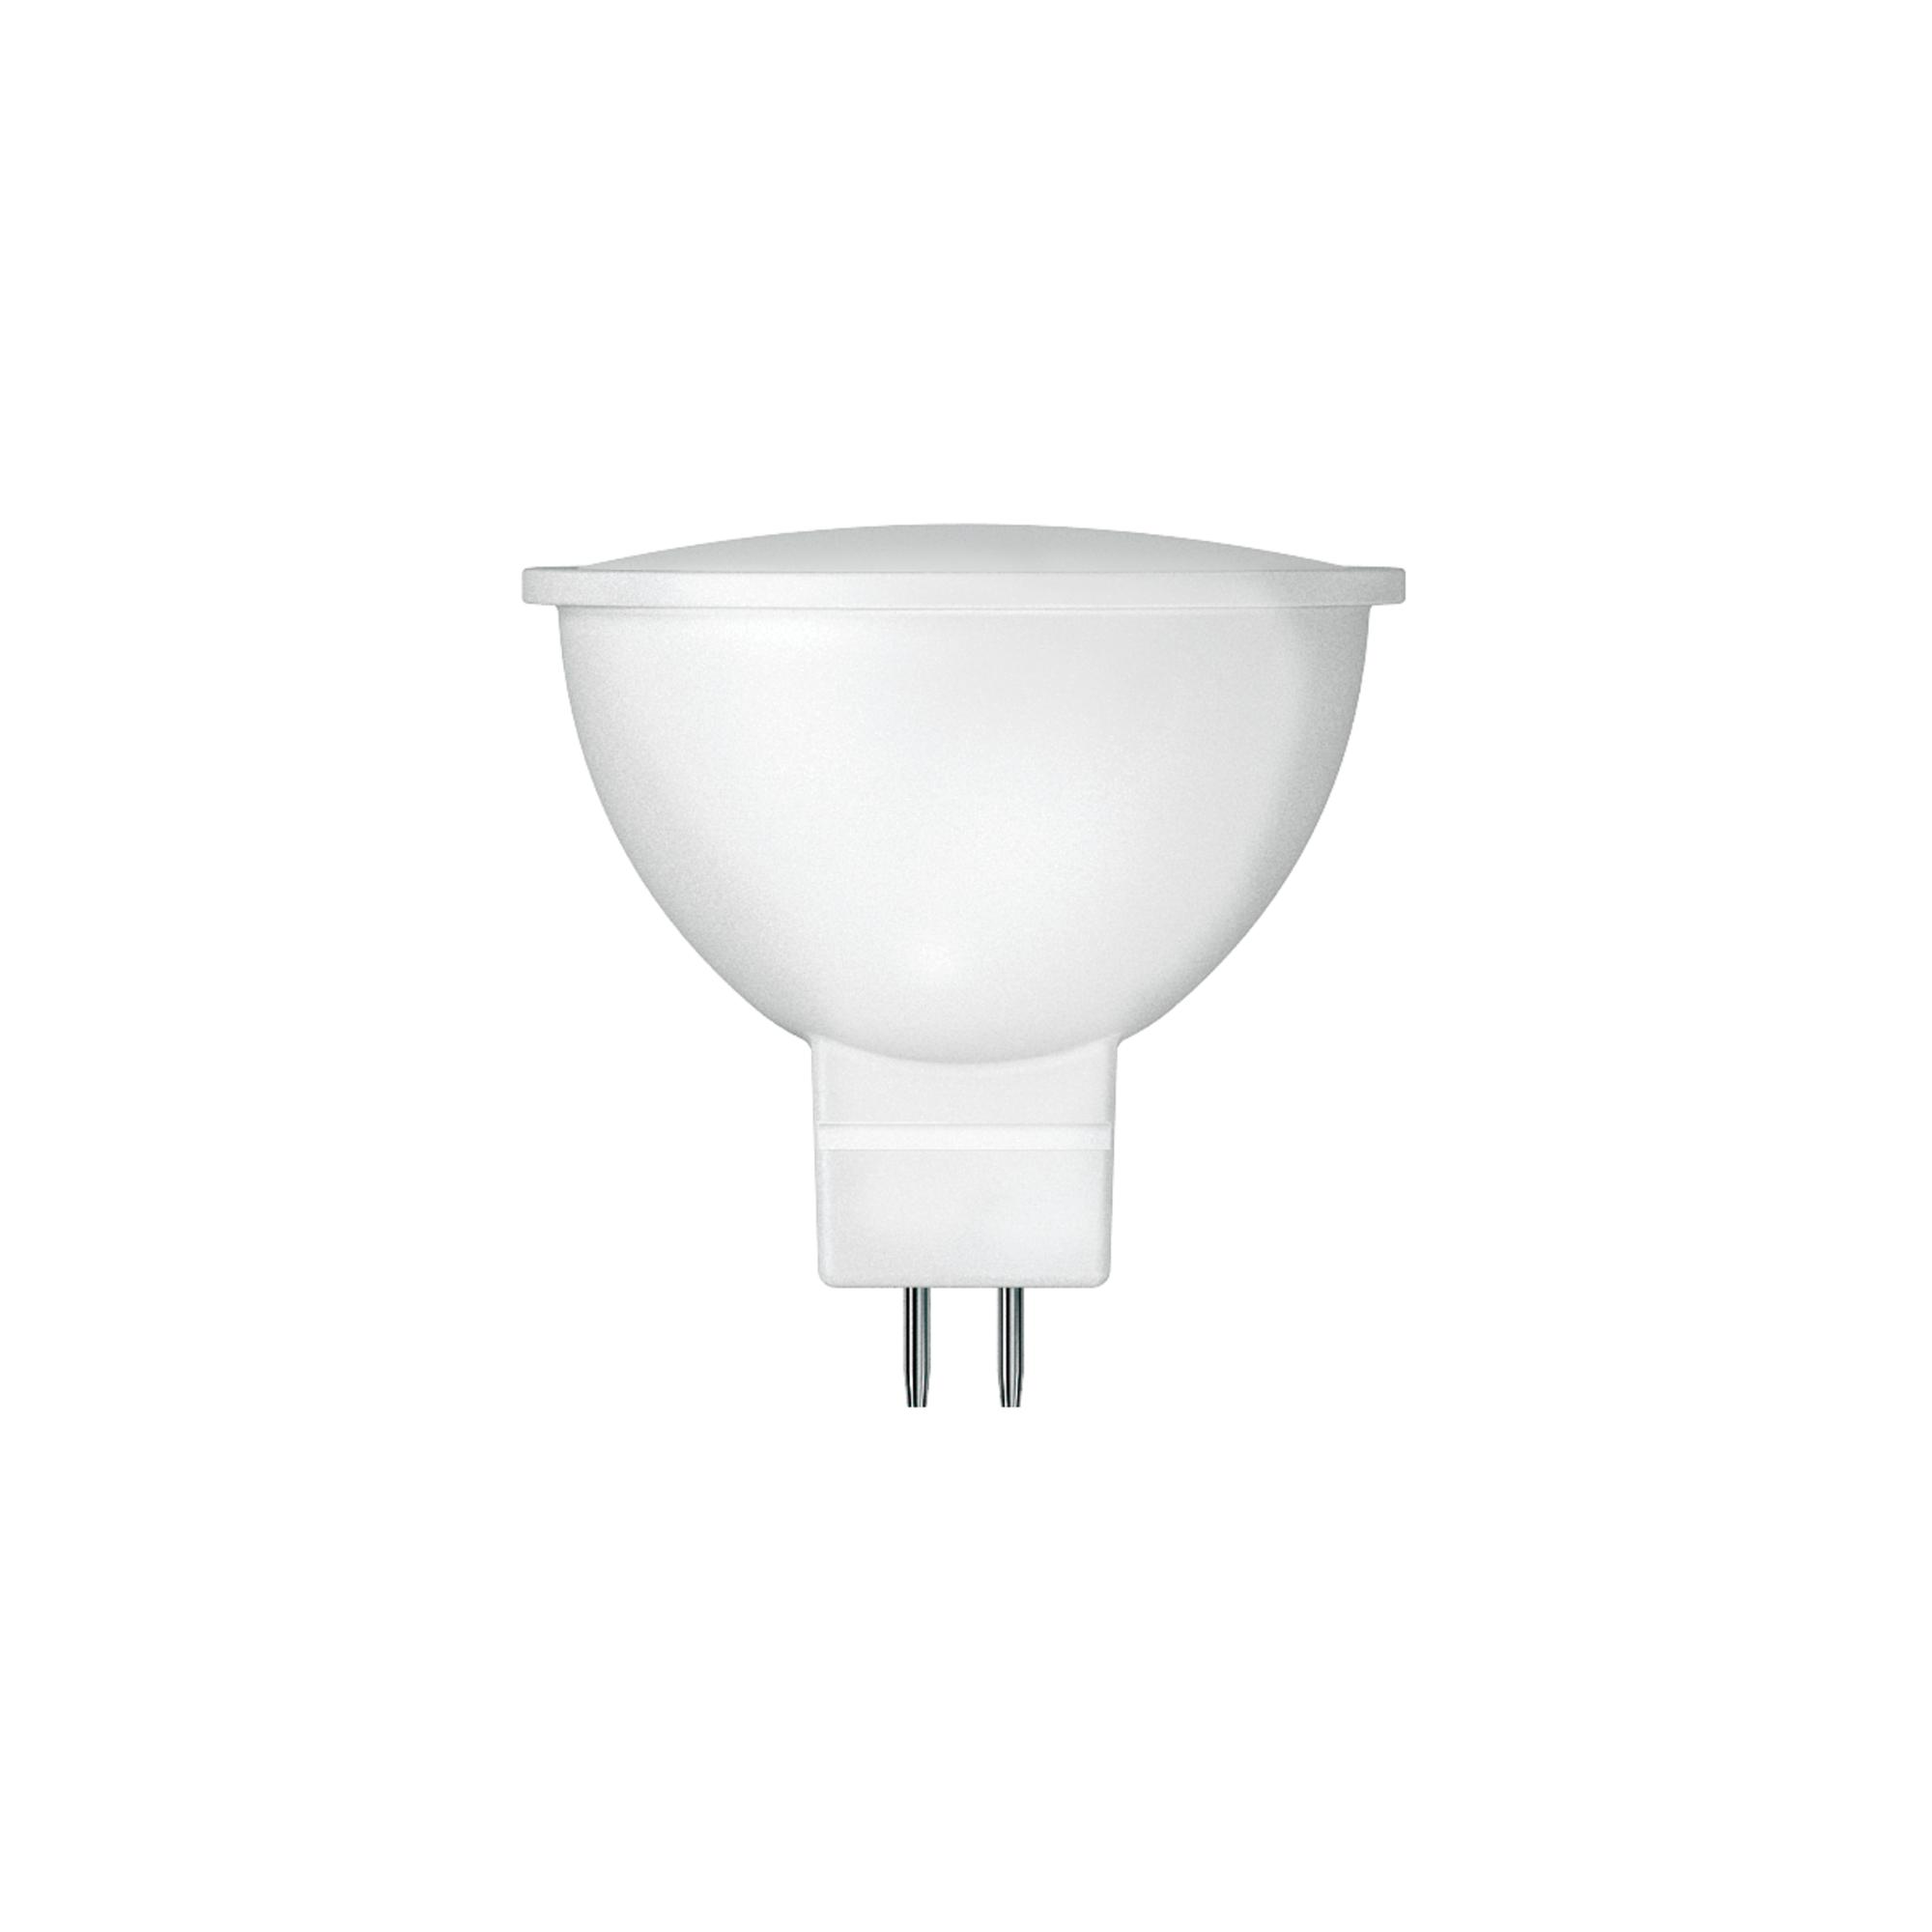 Светодиодная лампочка Фотон 22800 MR16 480 Лм 6 Вт